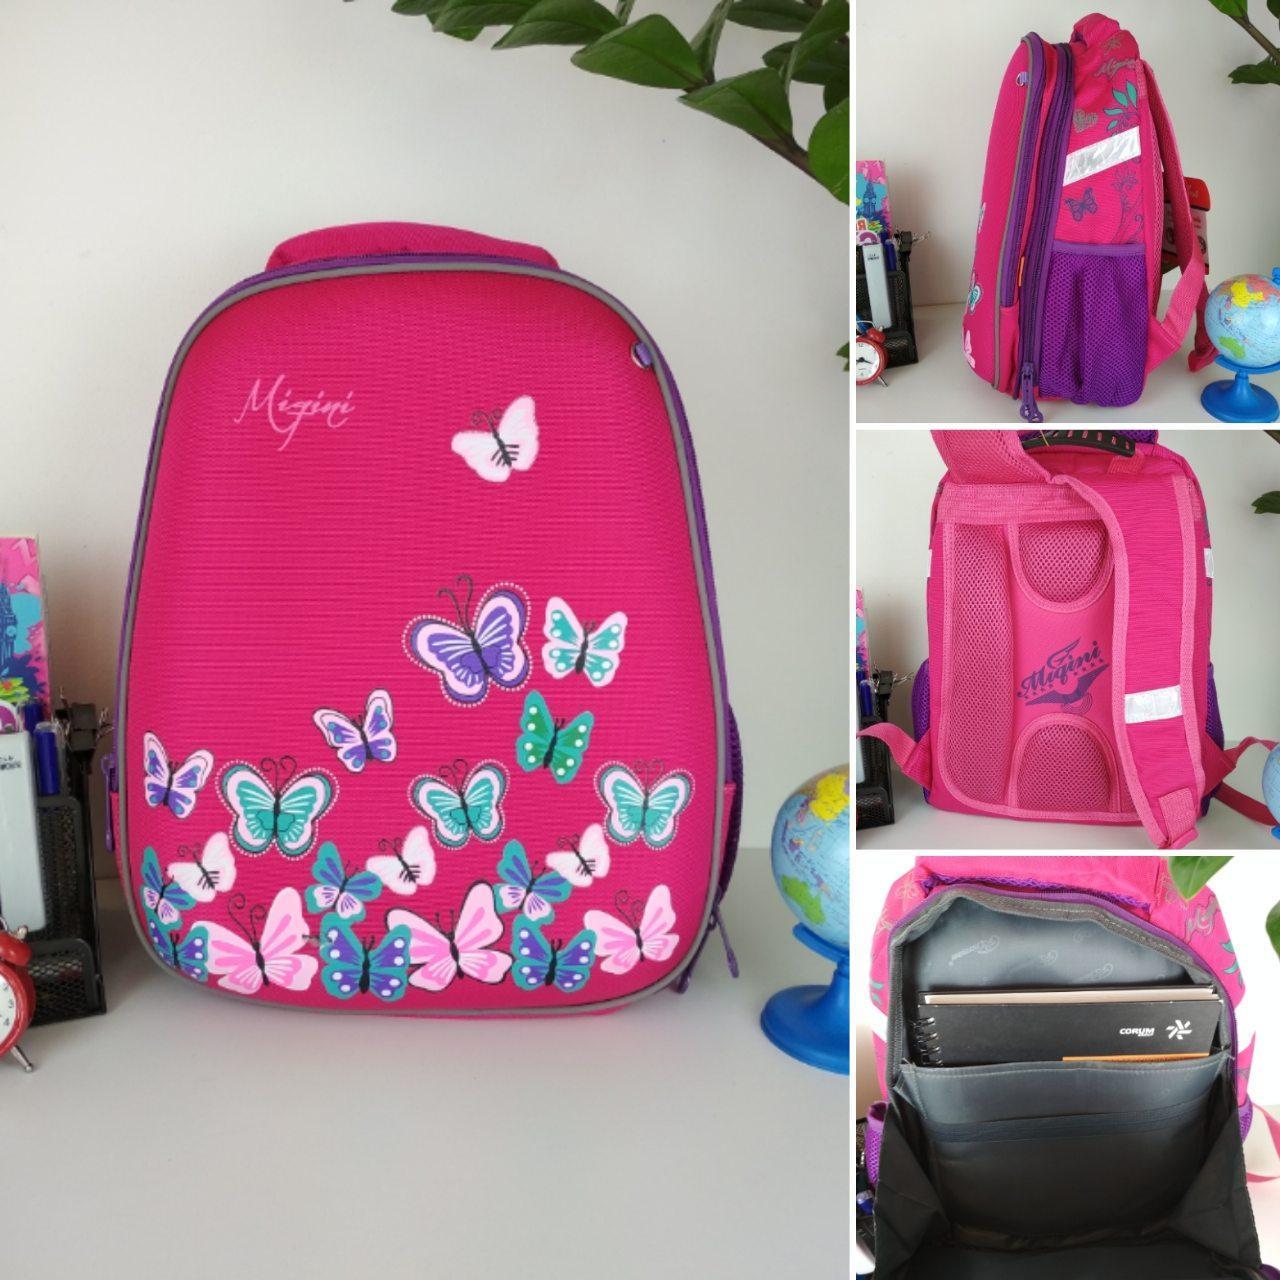 Розовый школьный портфель Miqini с бабочками для девочки 40*28*19 см